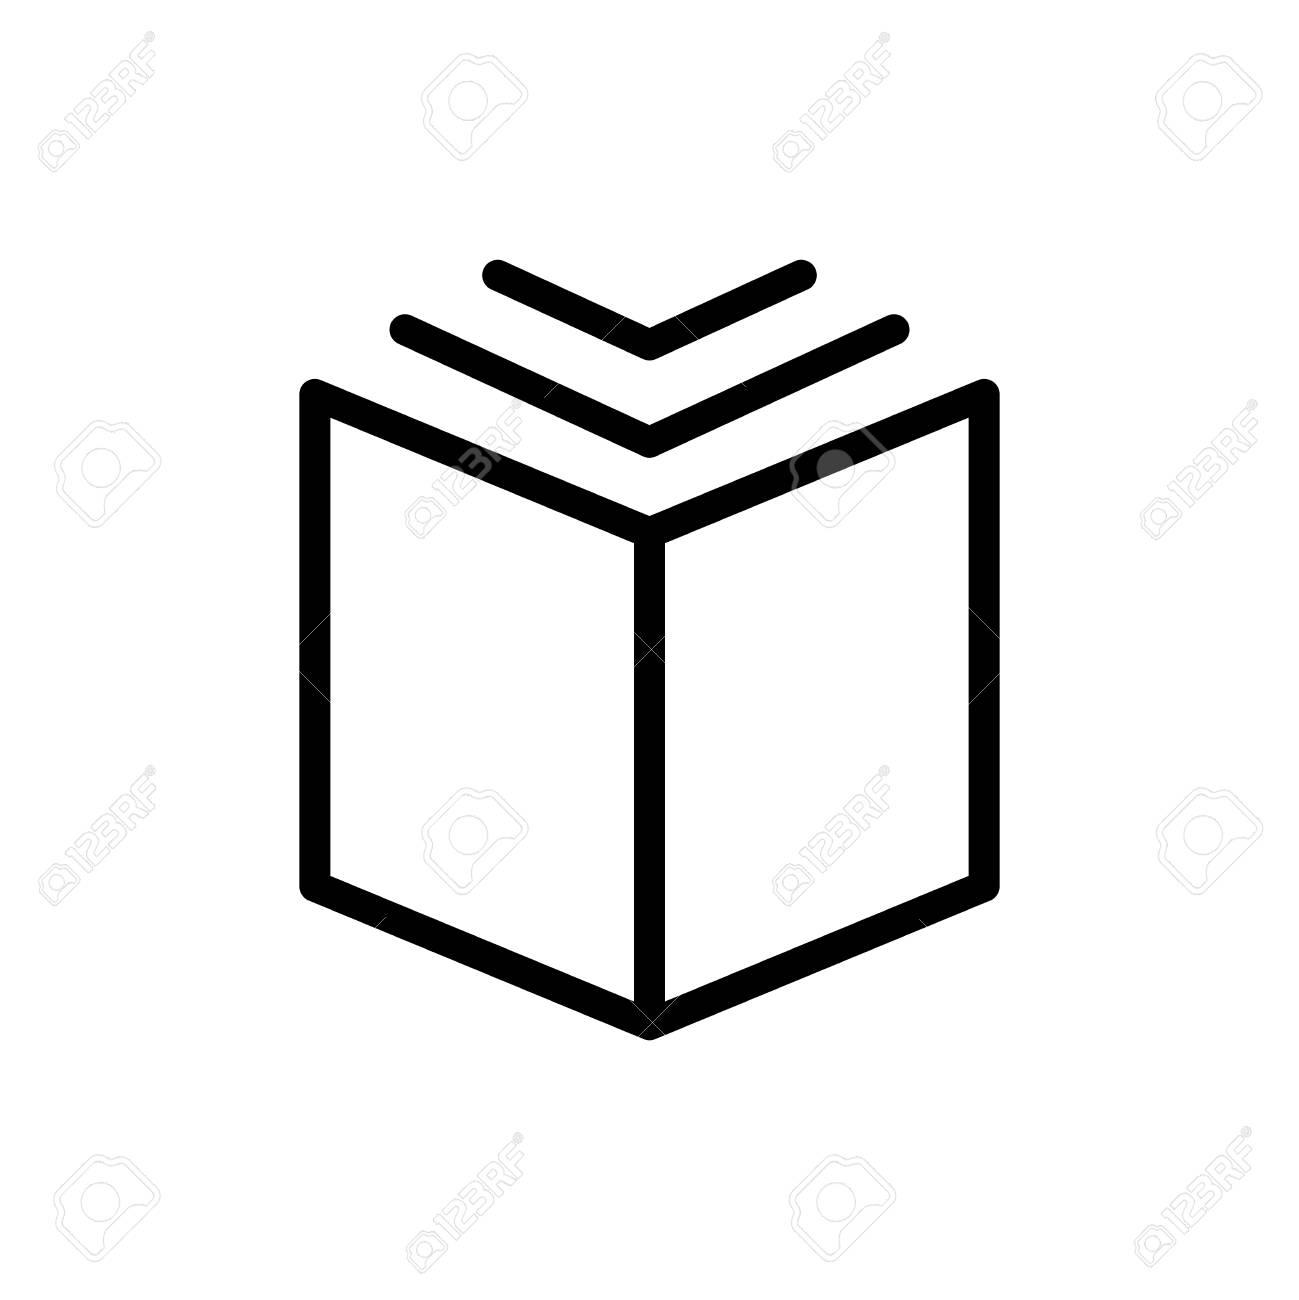 Icone De Livre De Ligne Mince Illustration Vectorielle Isolee Sur Fond Blanc Pictogramme De Contour Simple Du Livre